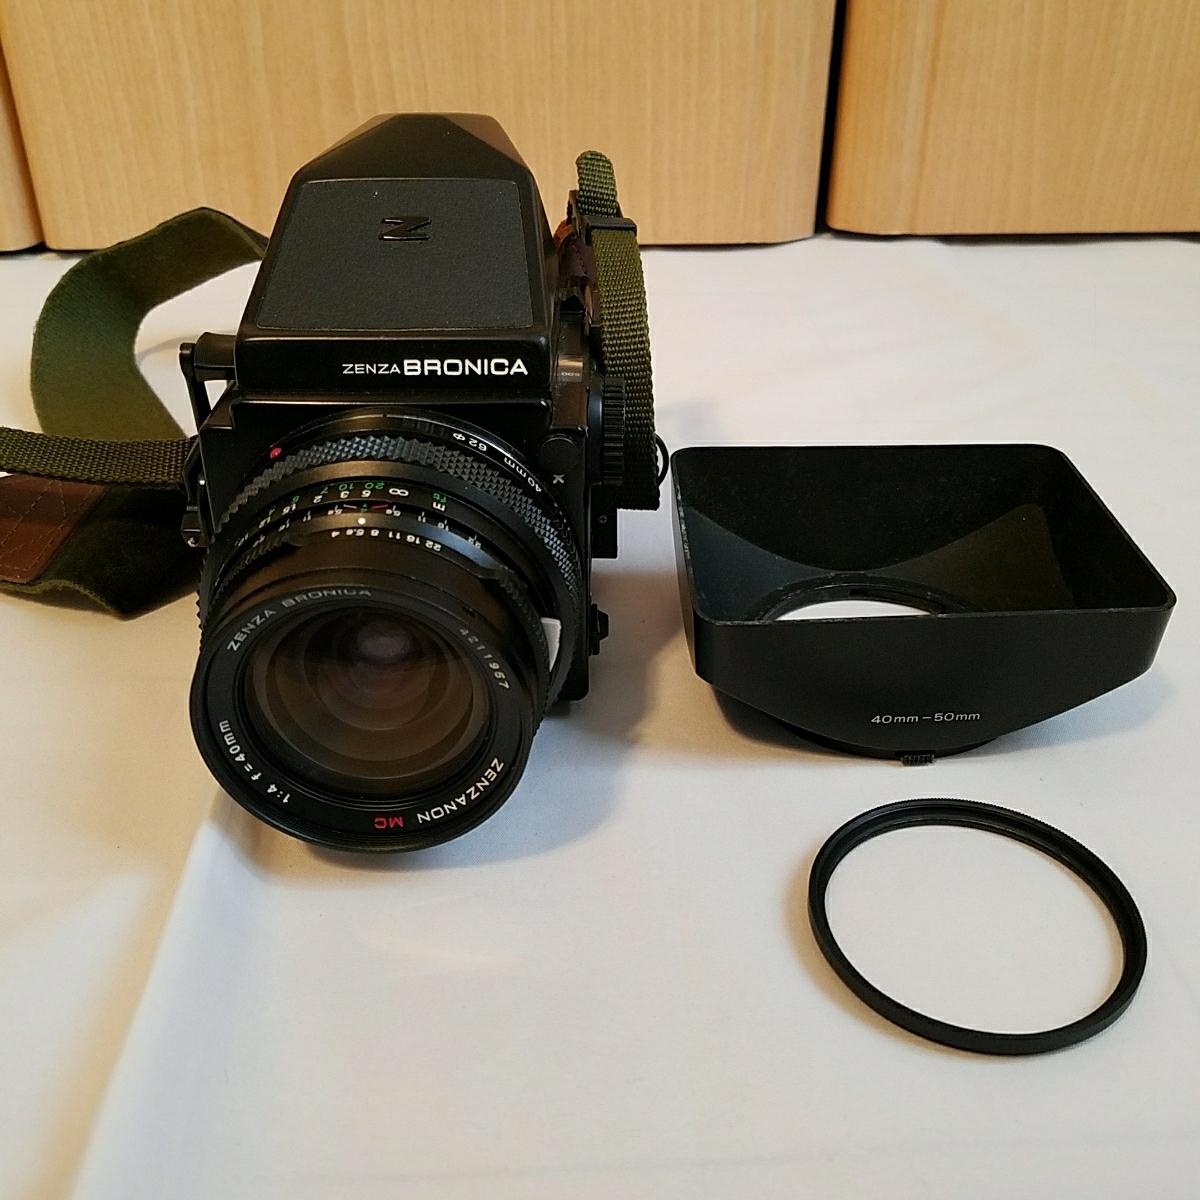 ブロニカ ZENZA BRONICA ETRS 40mm 4 レンズ付き